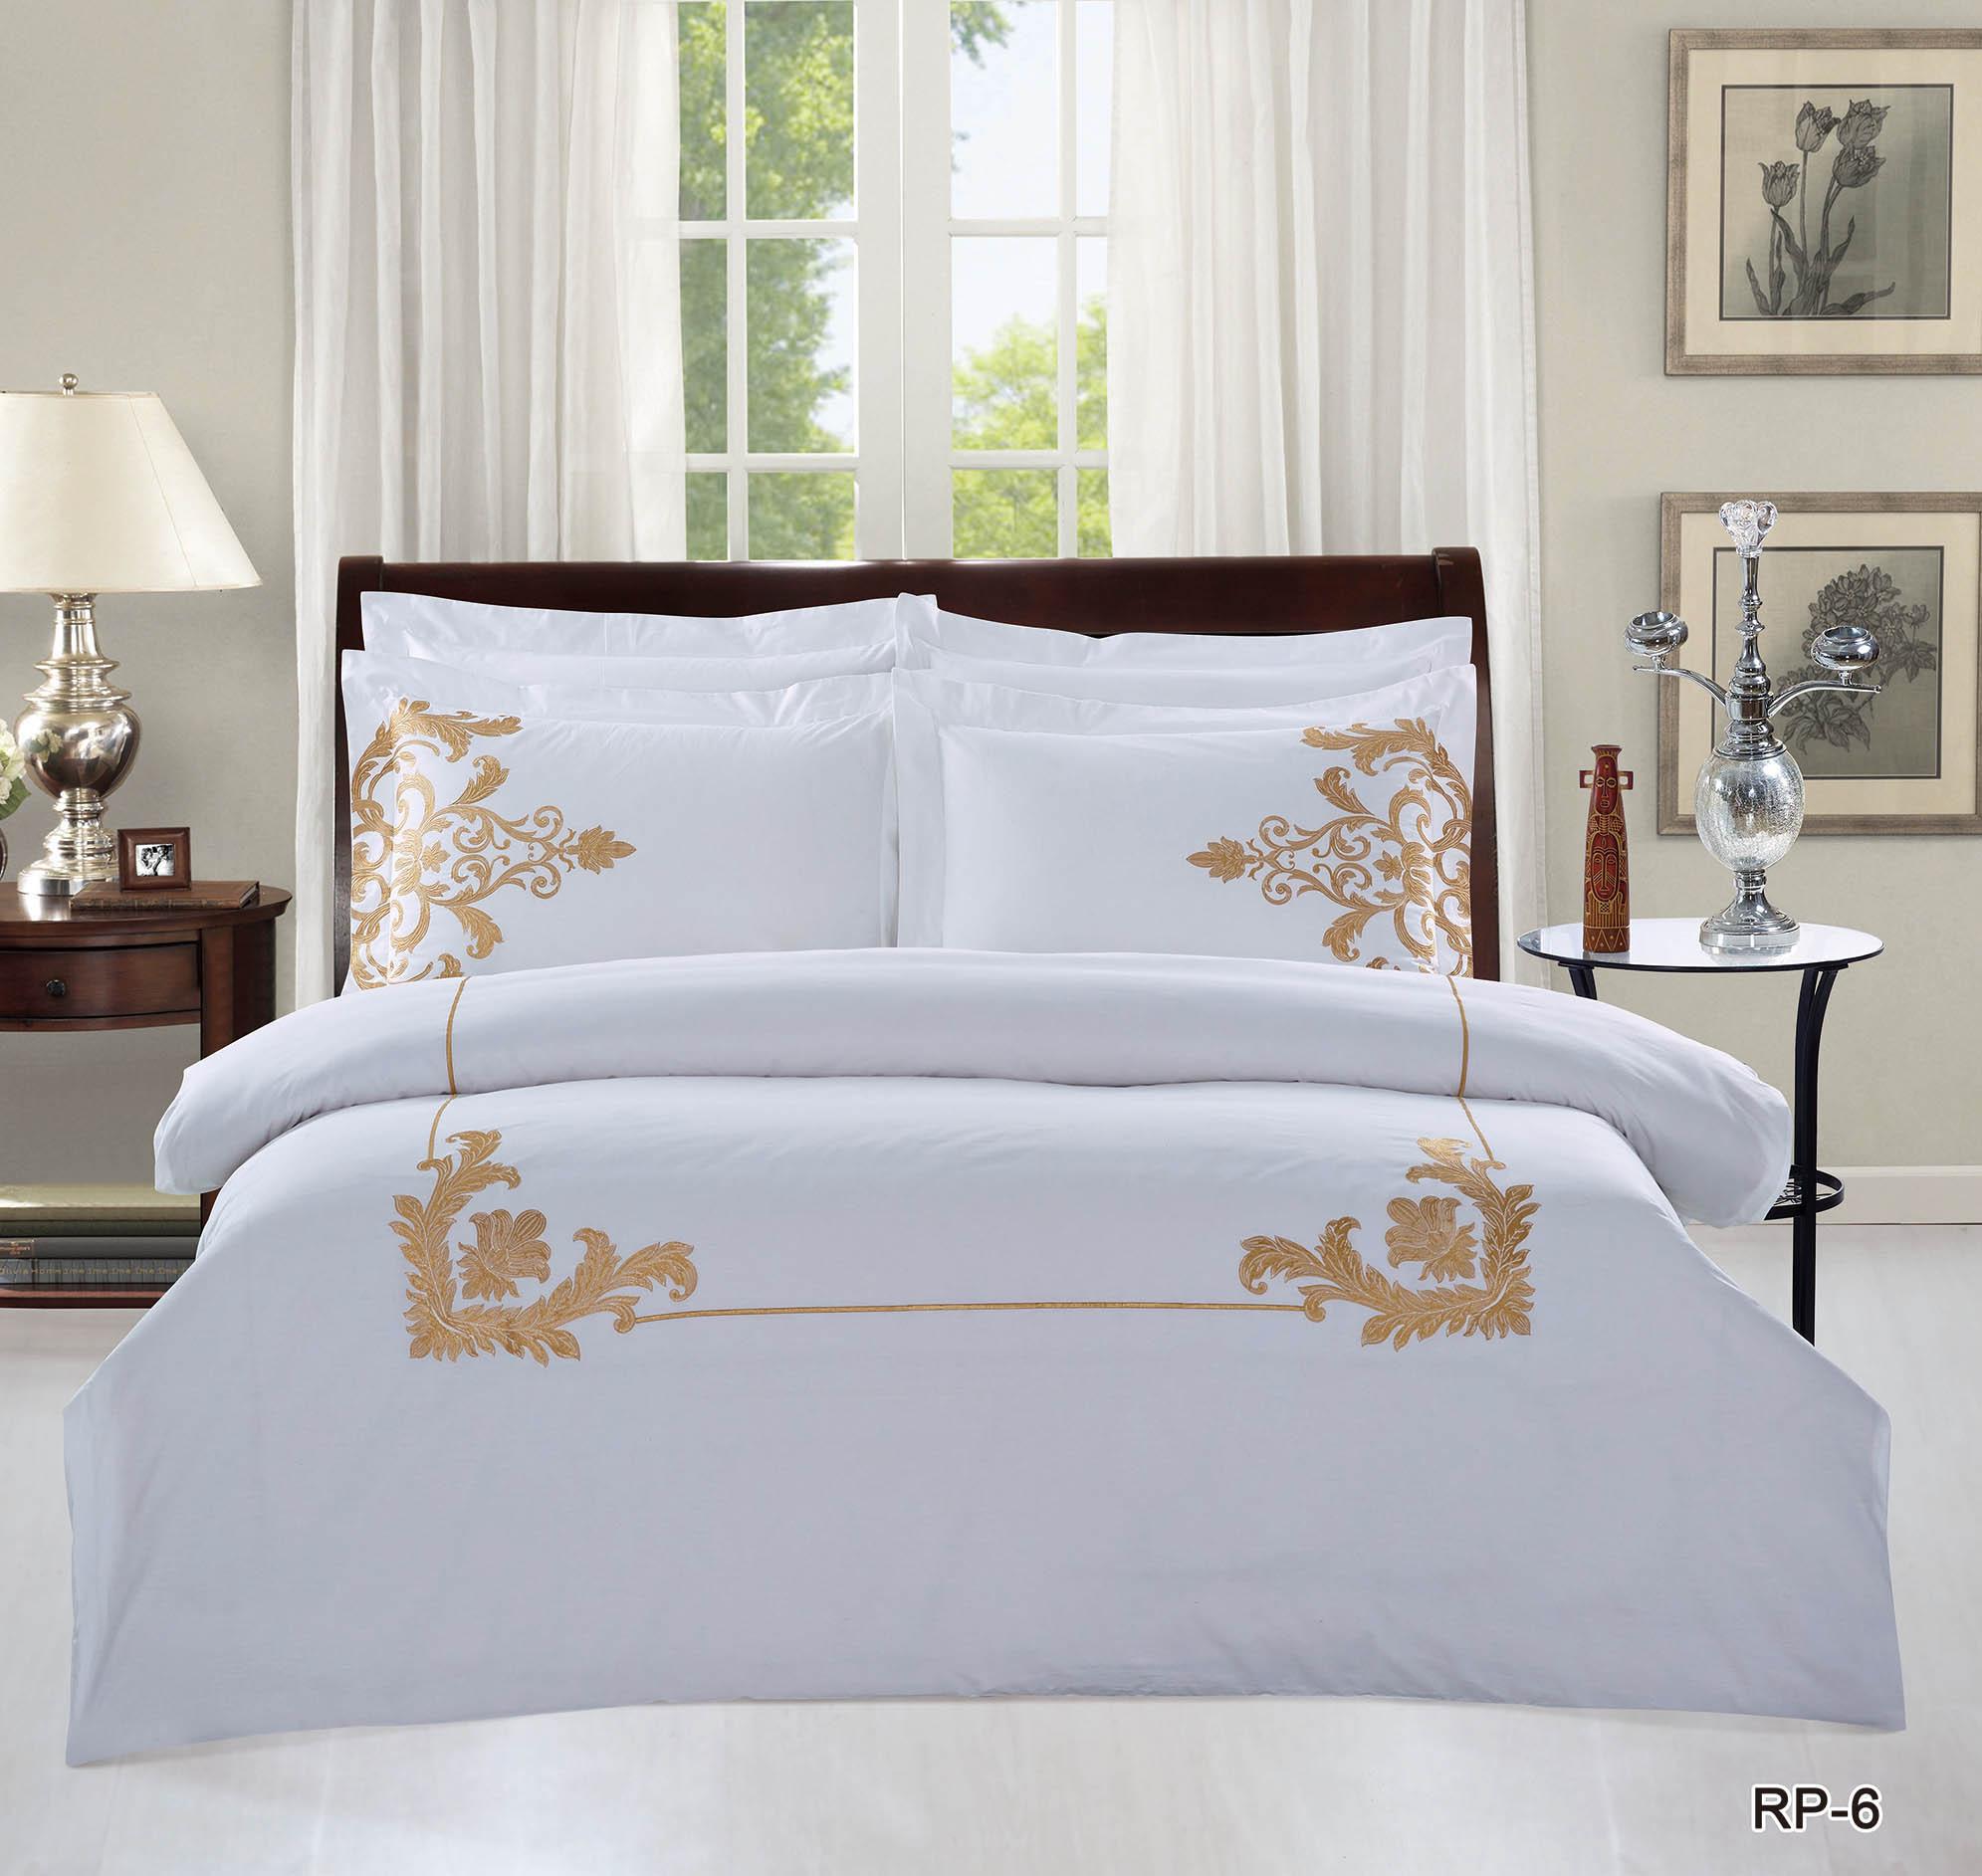 Постельное белье KingSilk Постельное белье Murray (1,5 спал.) постельное белье kingsilk xr 21 1 5 спальное